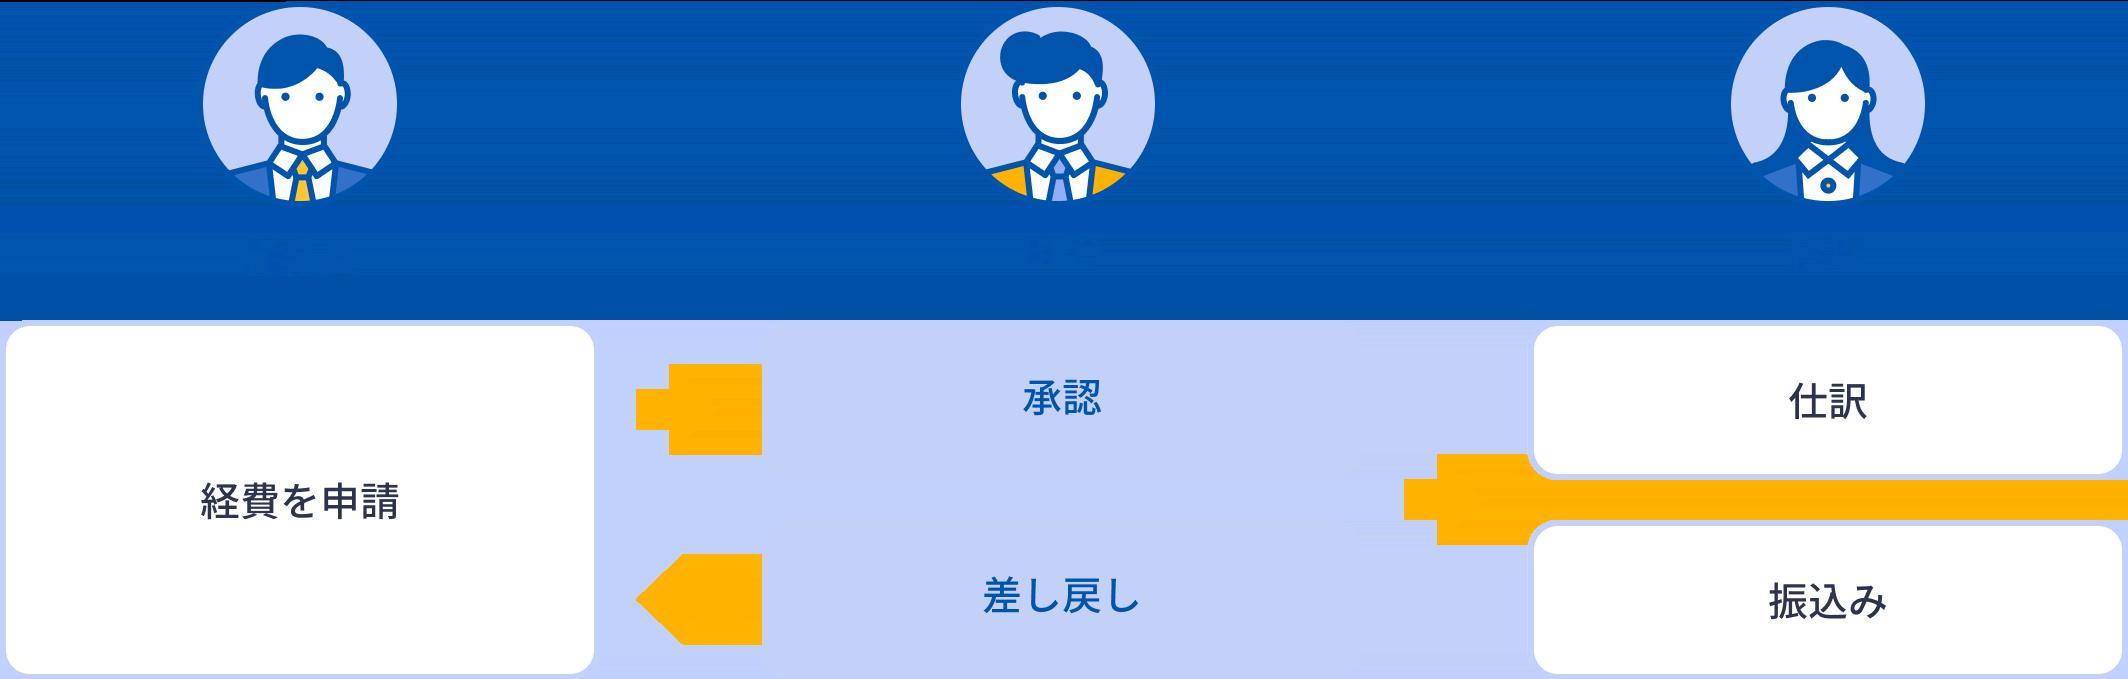 BPOが従業員の経費申請を承認・差し戻しします